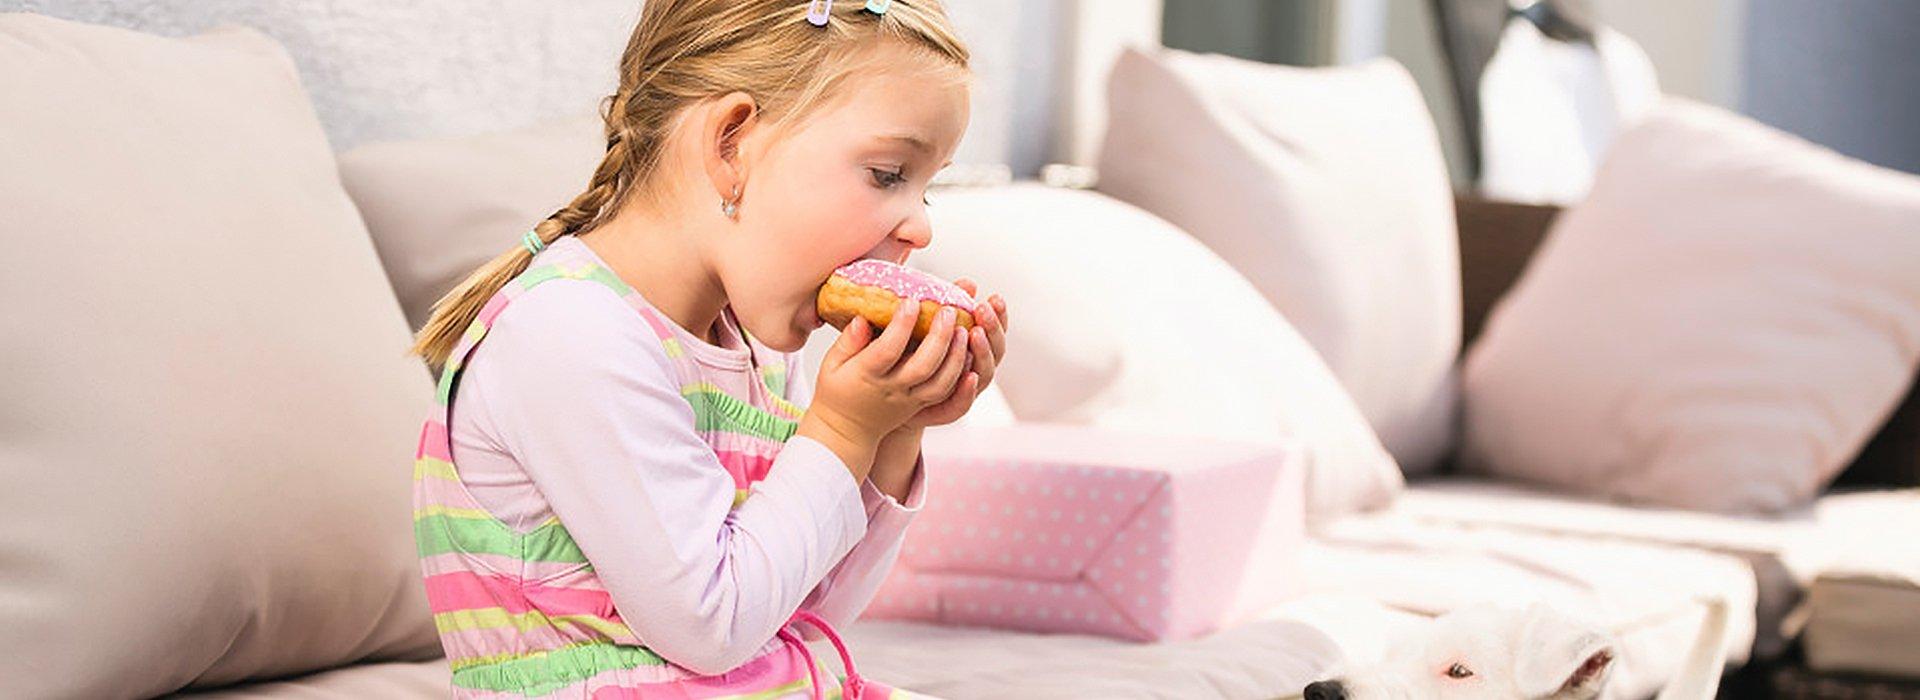 Tipps zum Wohnen mit Kindern